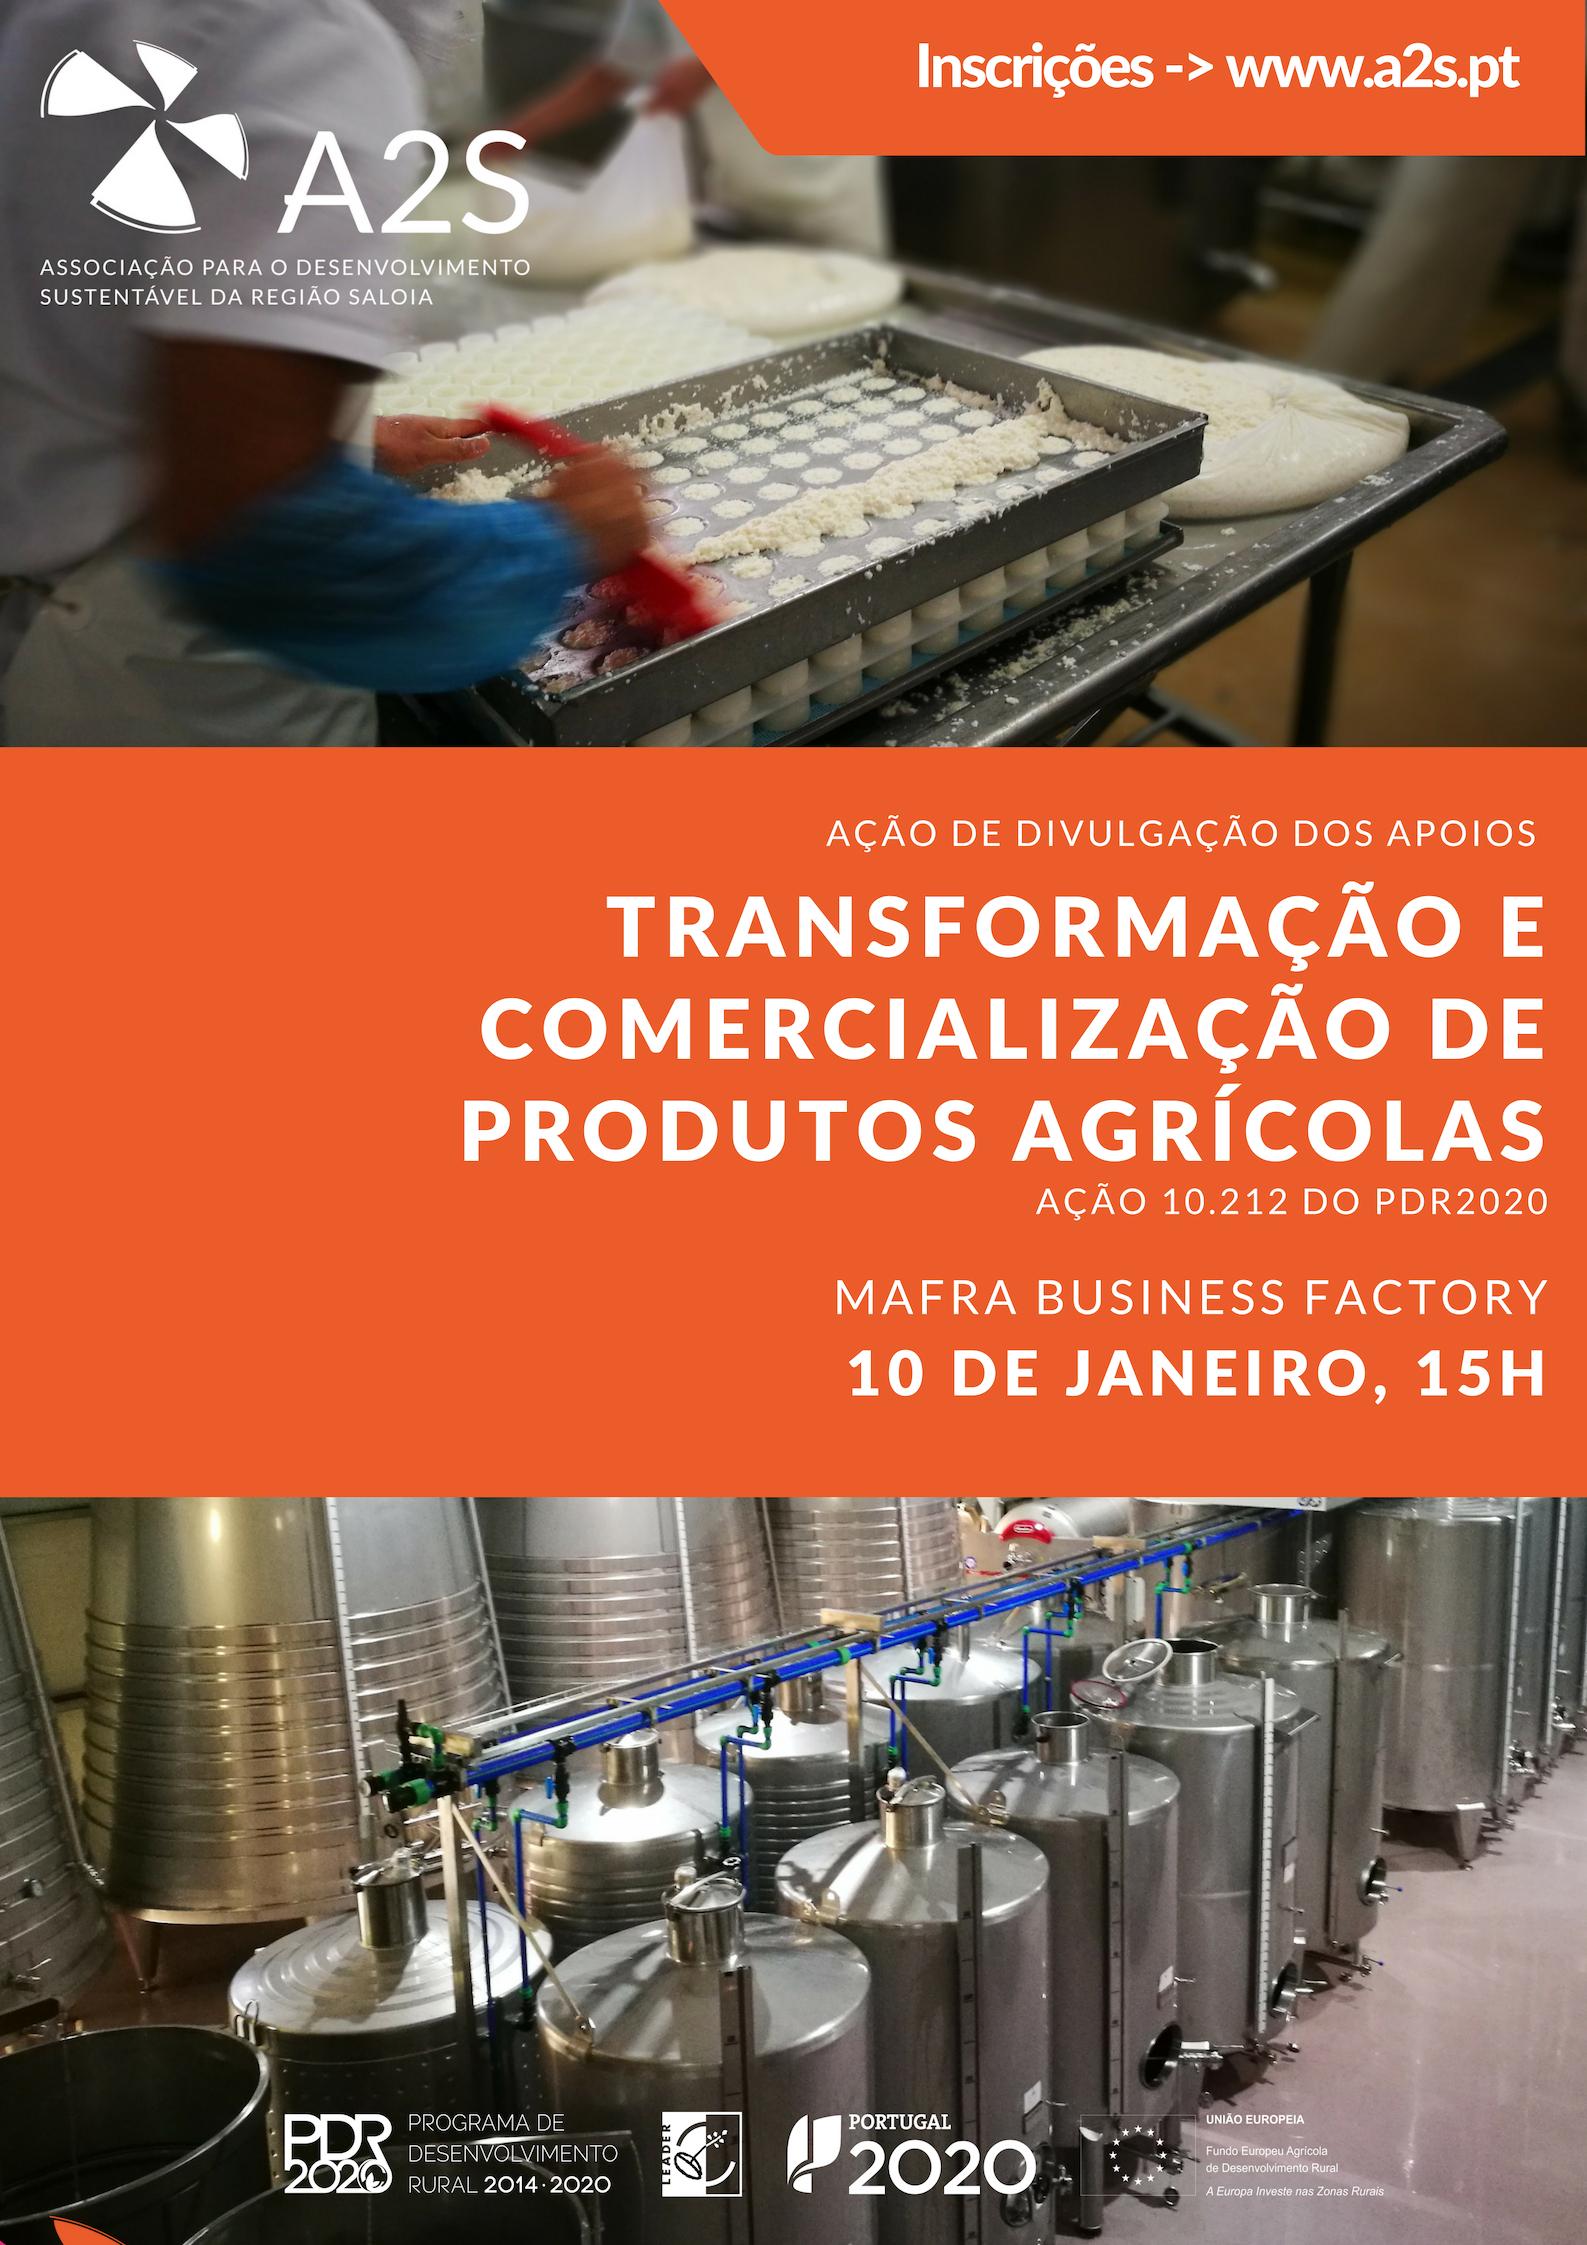 Ação De Esclarecimentos Sobre Apoios à Transformação E Comercialização De Produtos Agrícolas